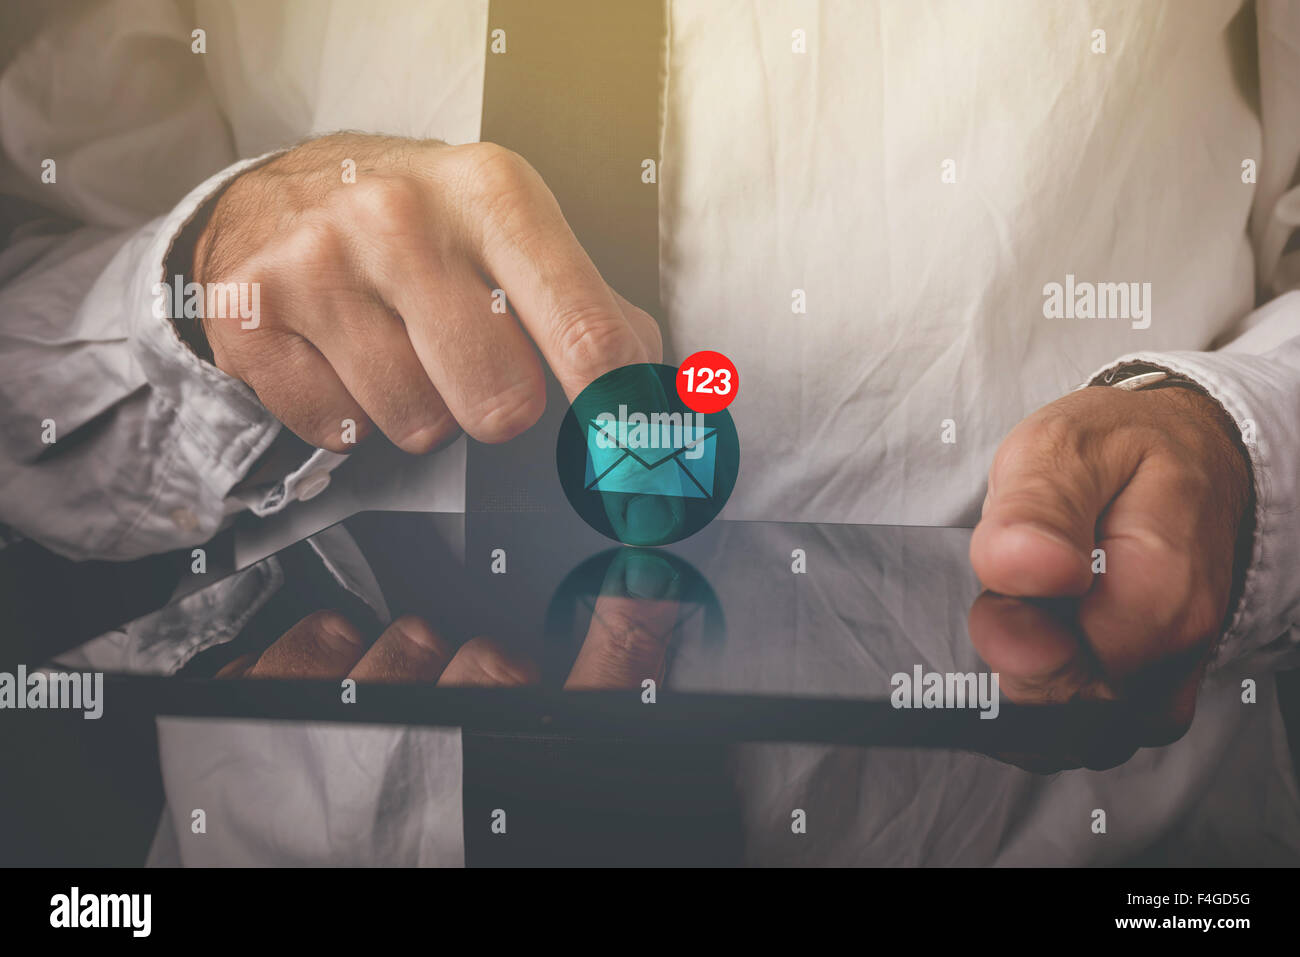 Businessman affichage des messages sur l'ordinateur tablette numérique, doigt sur l'écran tactile Photo Stock